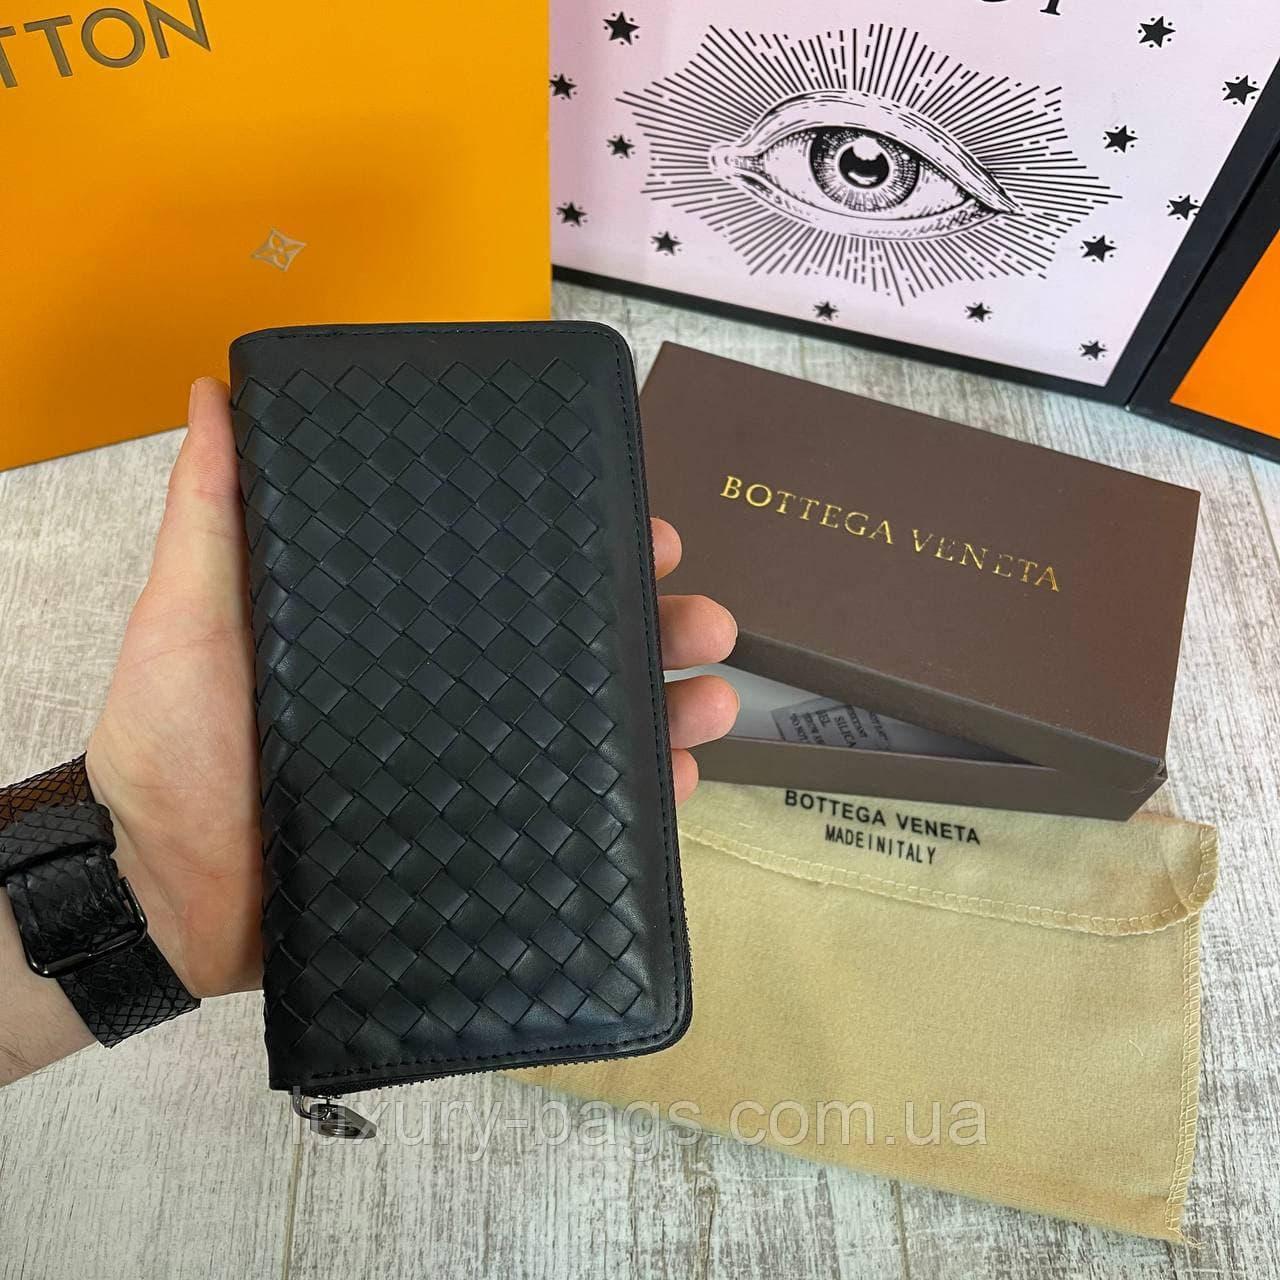 Мужской кожаный кошелек Bottega Veneta на молнии черный Боттега Венета